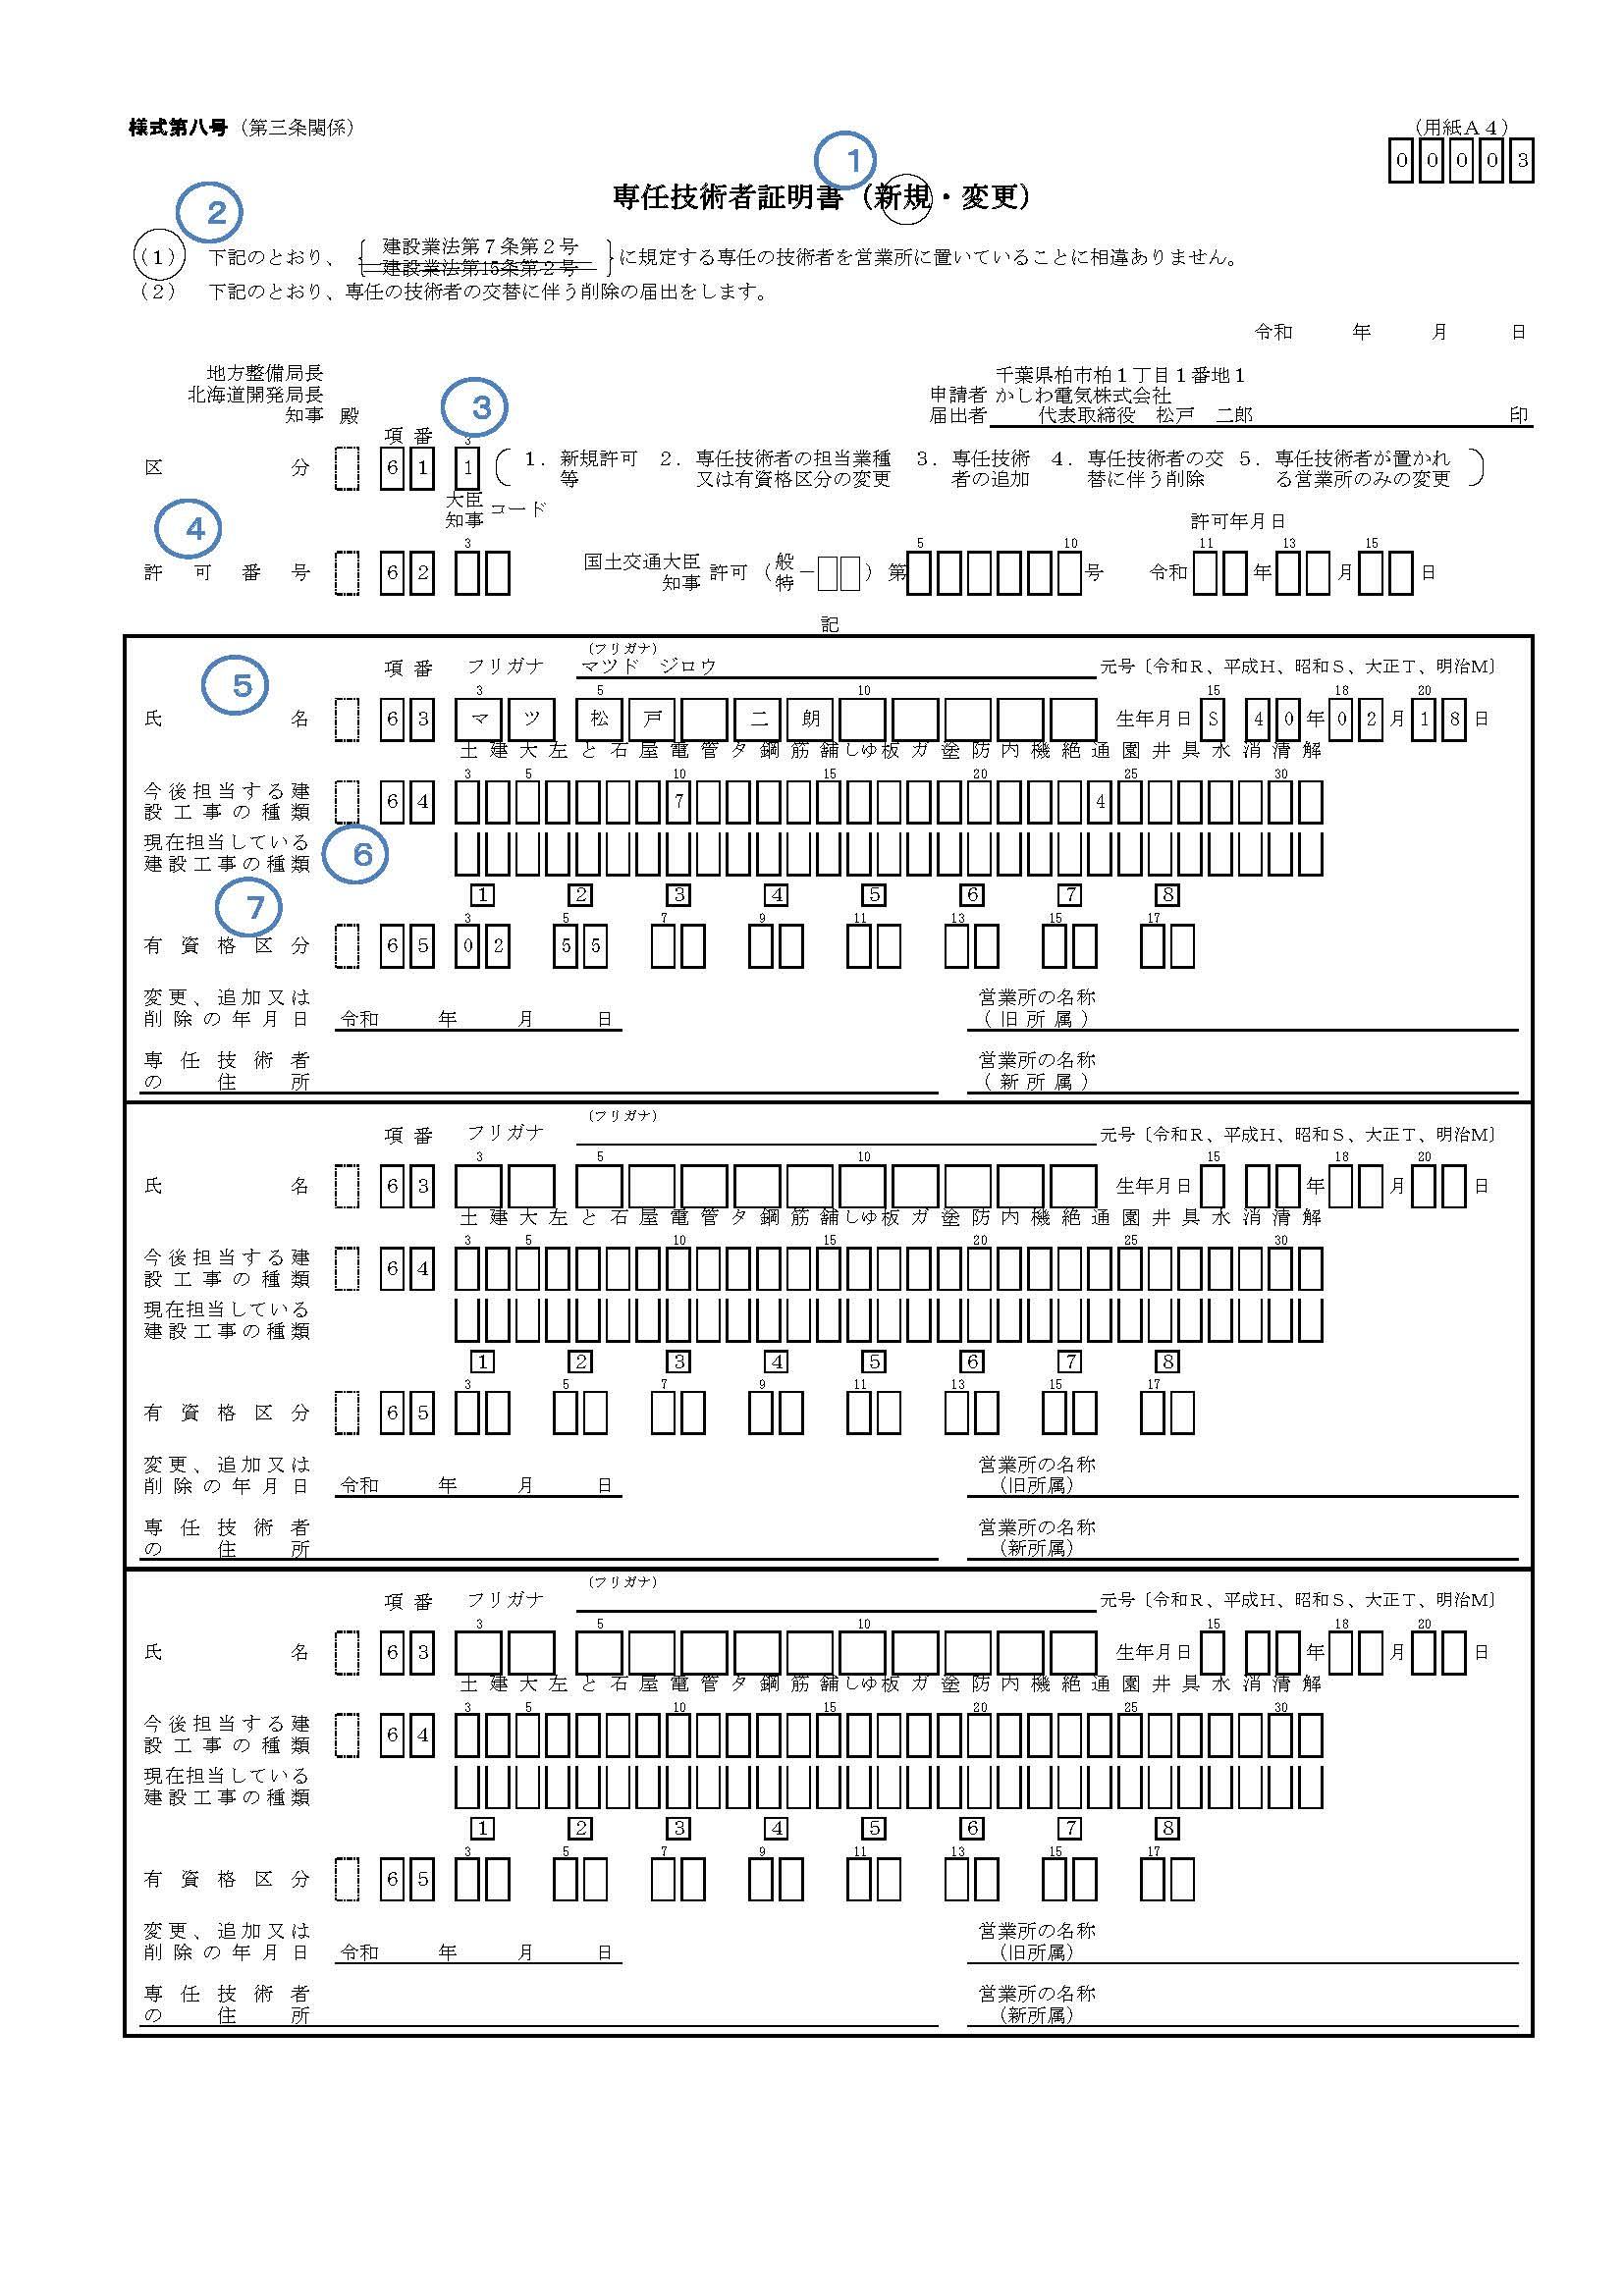 【建設業許可を自分で申請】専任技術者証明書(様式第八号)